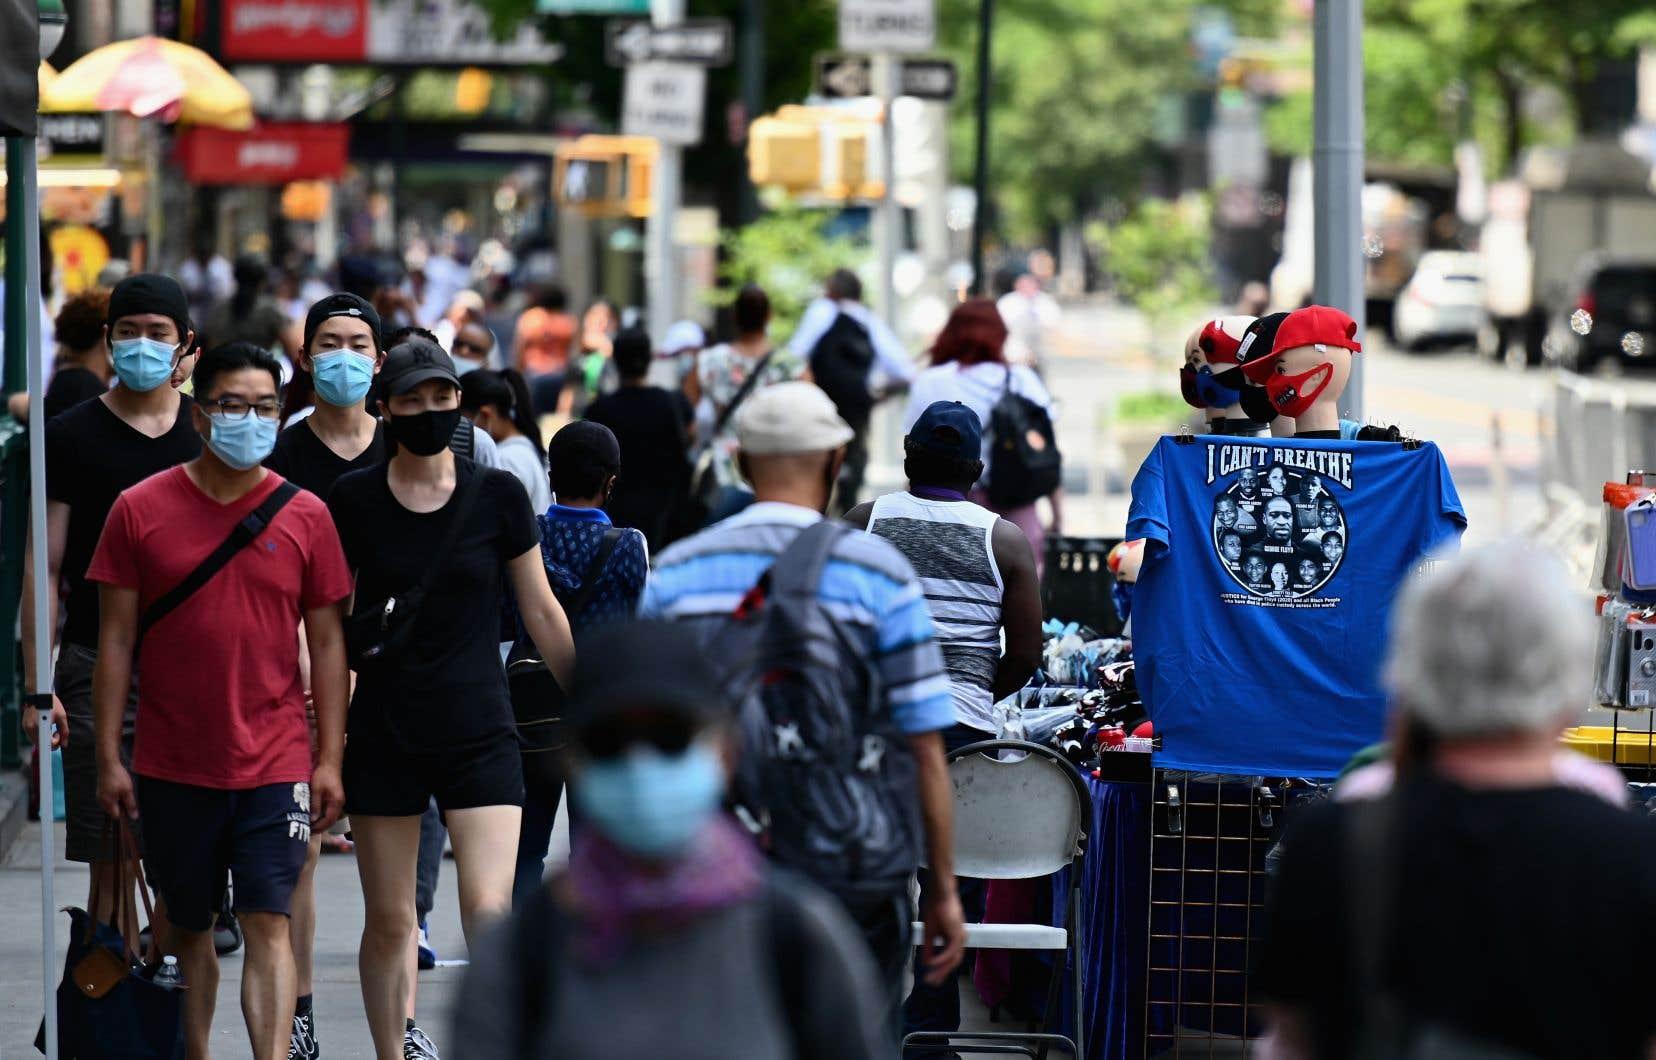 Dans une rue près d'Union Square à New York, jeudi, des piétons portaient des masques pour se rendre dans les commerces qui rouvraient leurs portes après des semaines de fermeture forcée.